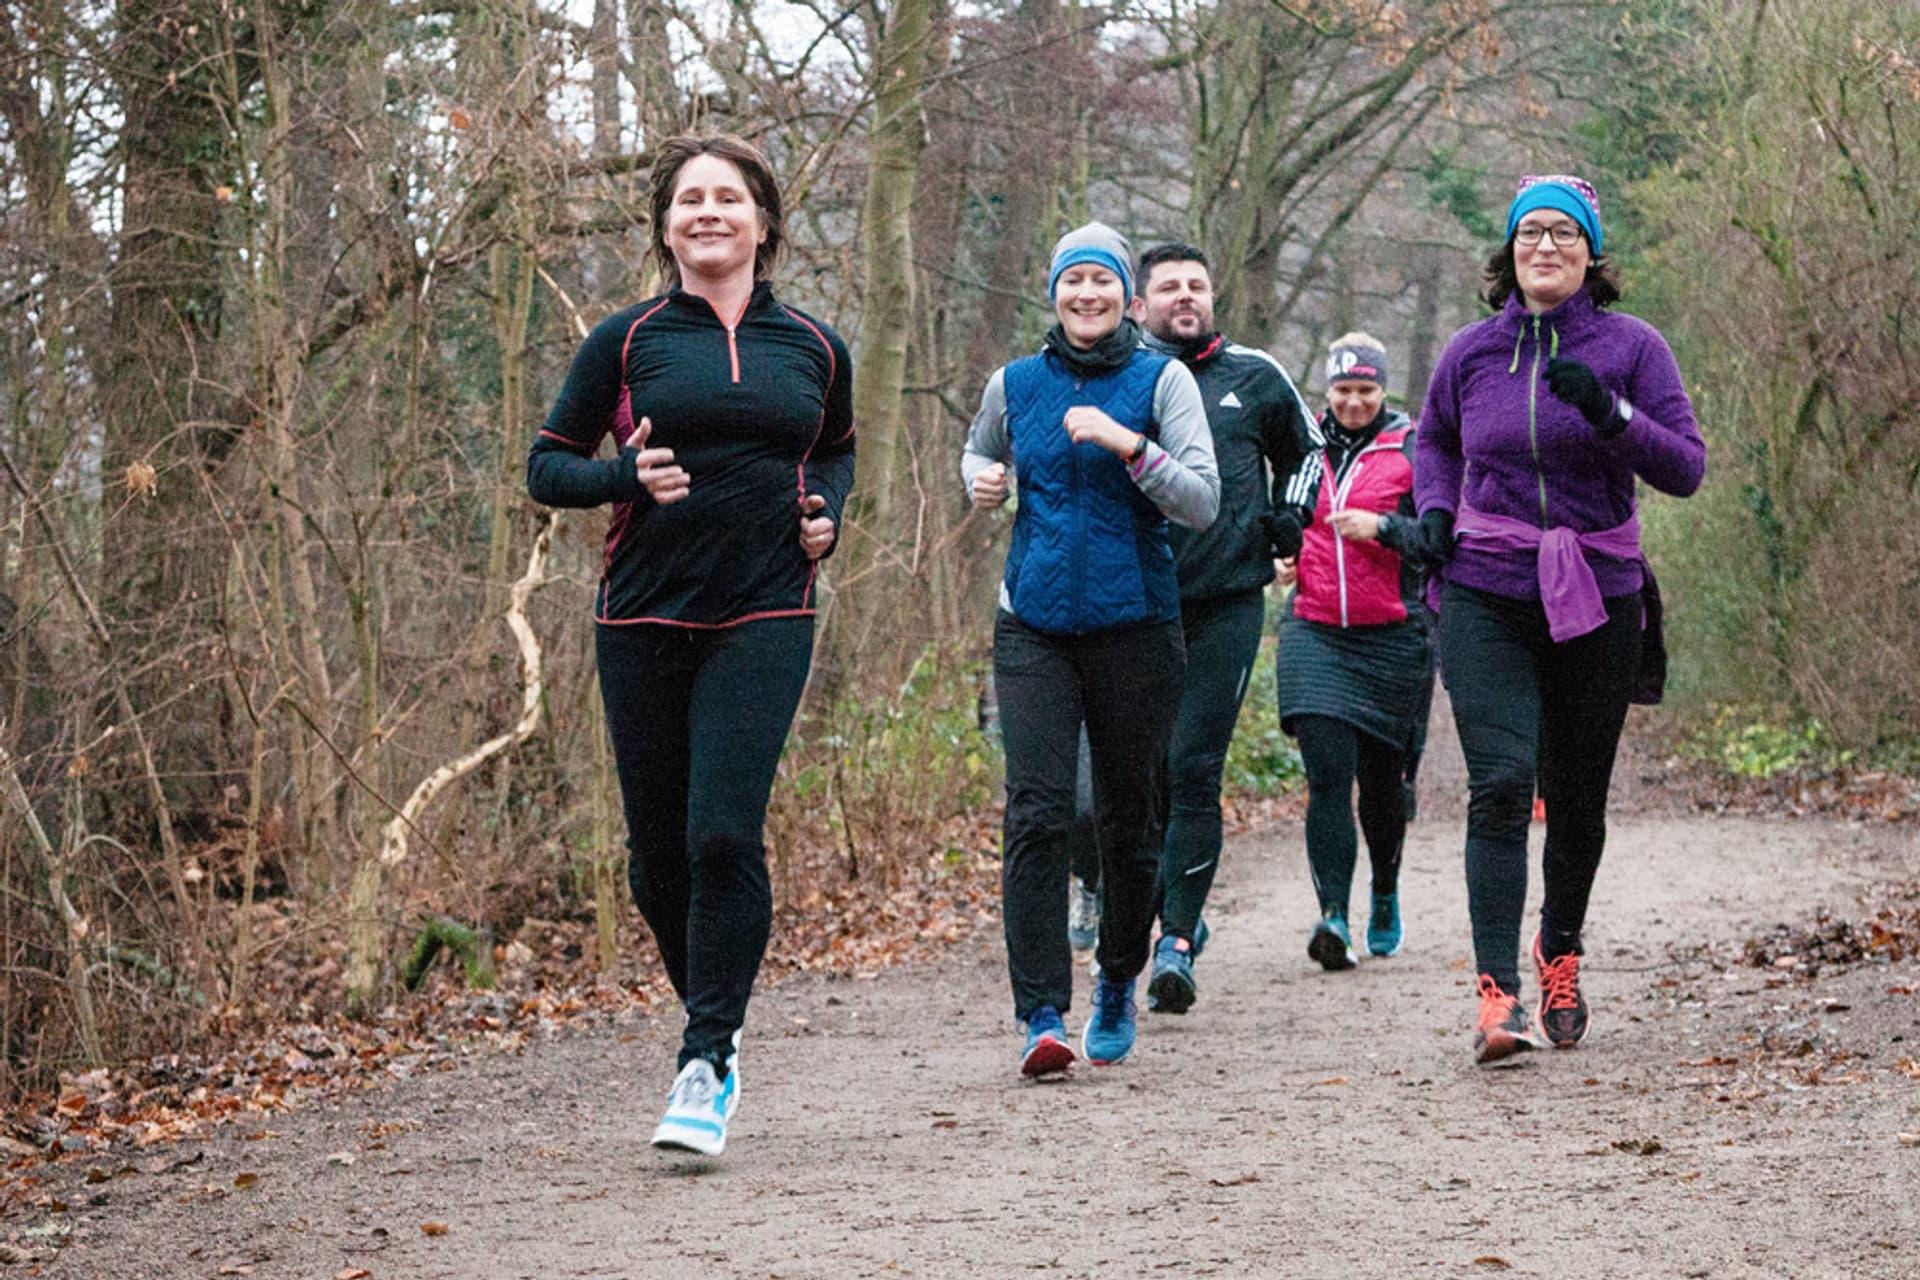 Fünf Teilnehmer beim Lauftraining im Bürgerpark in Darmstadt